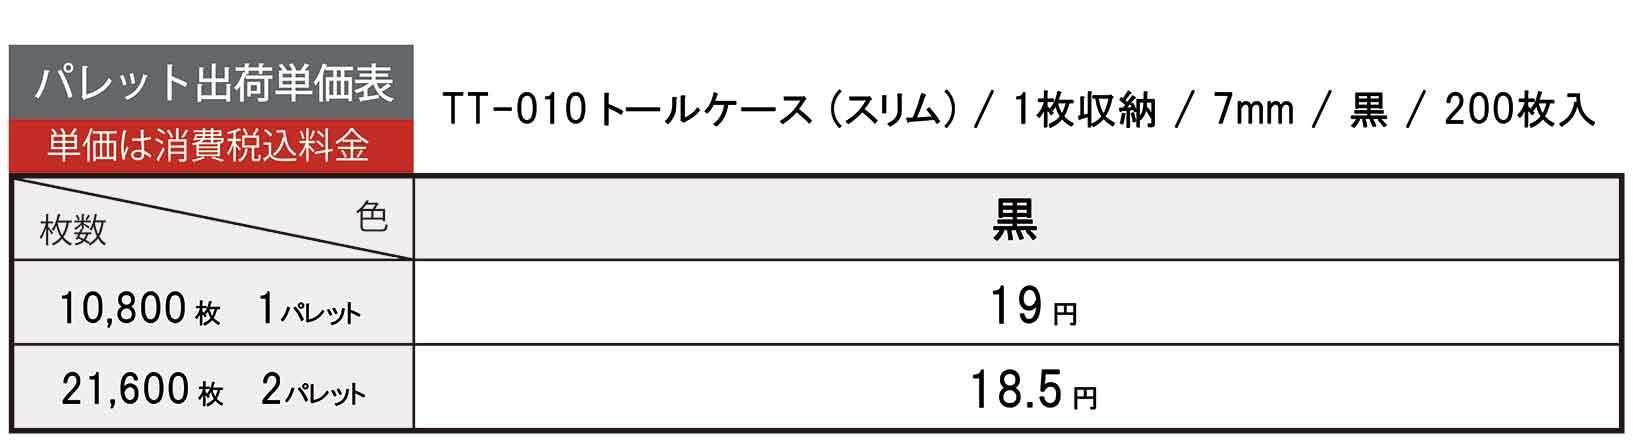 TT-010/DVDトールケース大量注文価格表